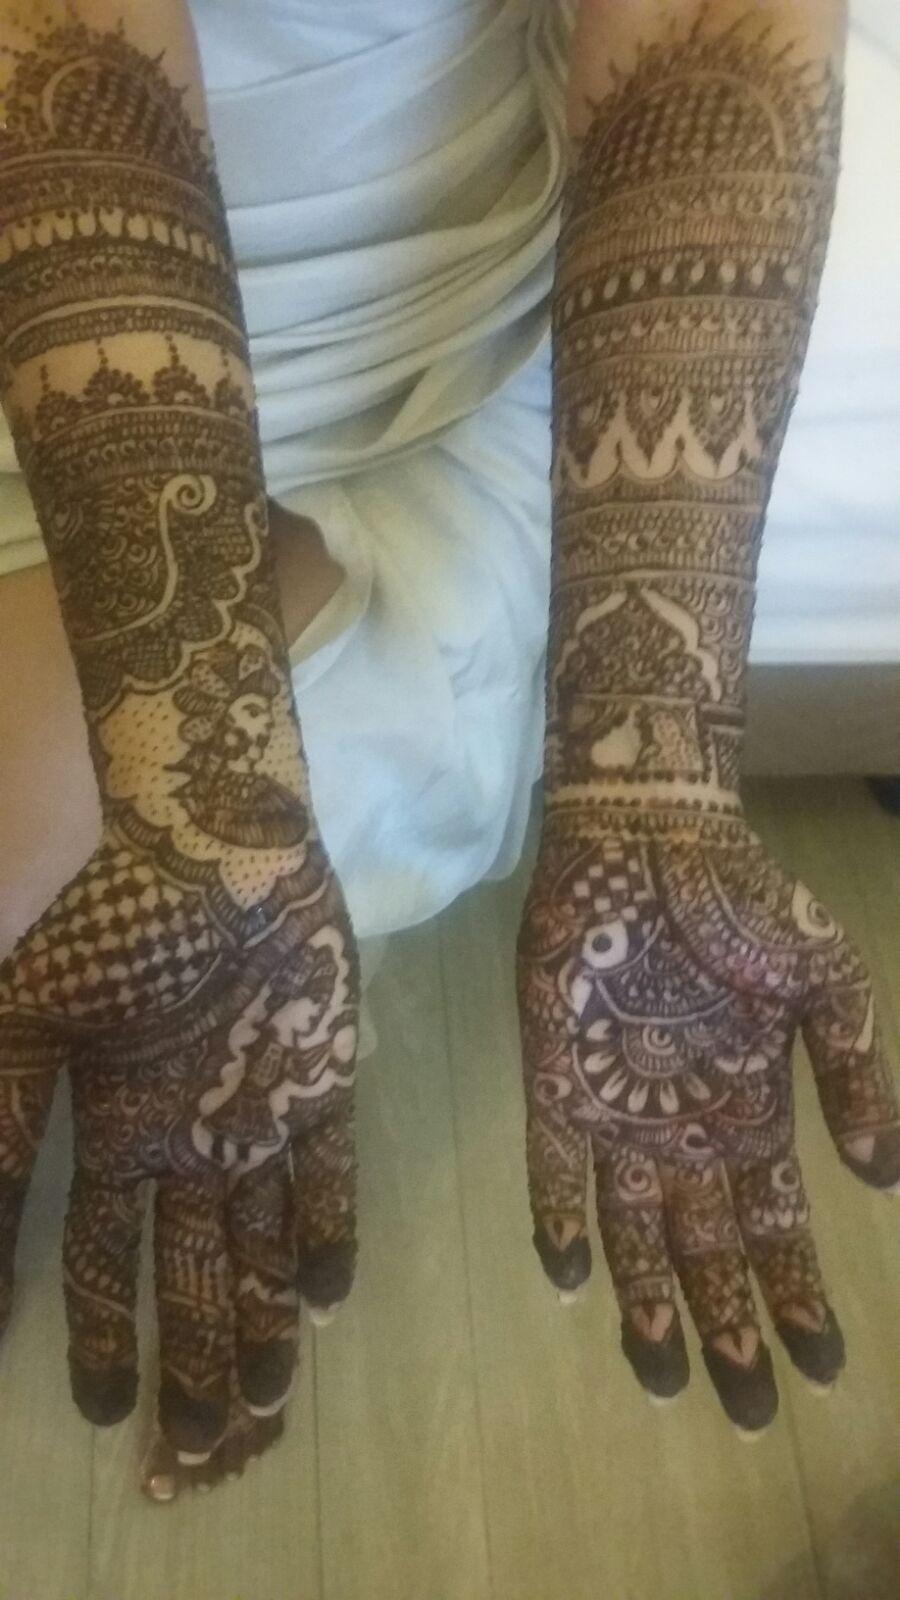 Rani Beautician Mehndi Henna Expert Mehndi Design